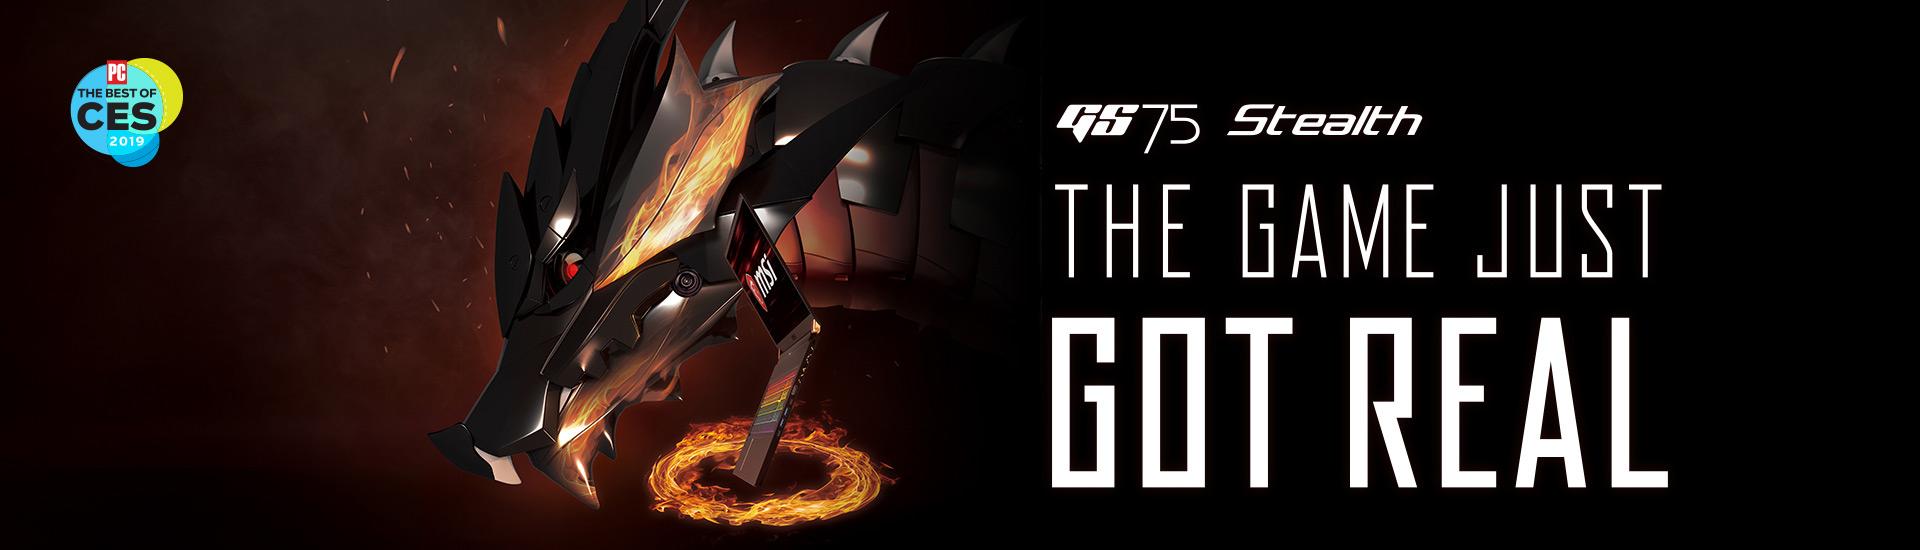 N18 GS75